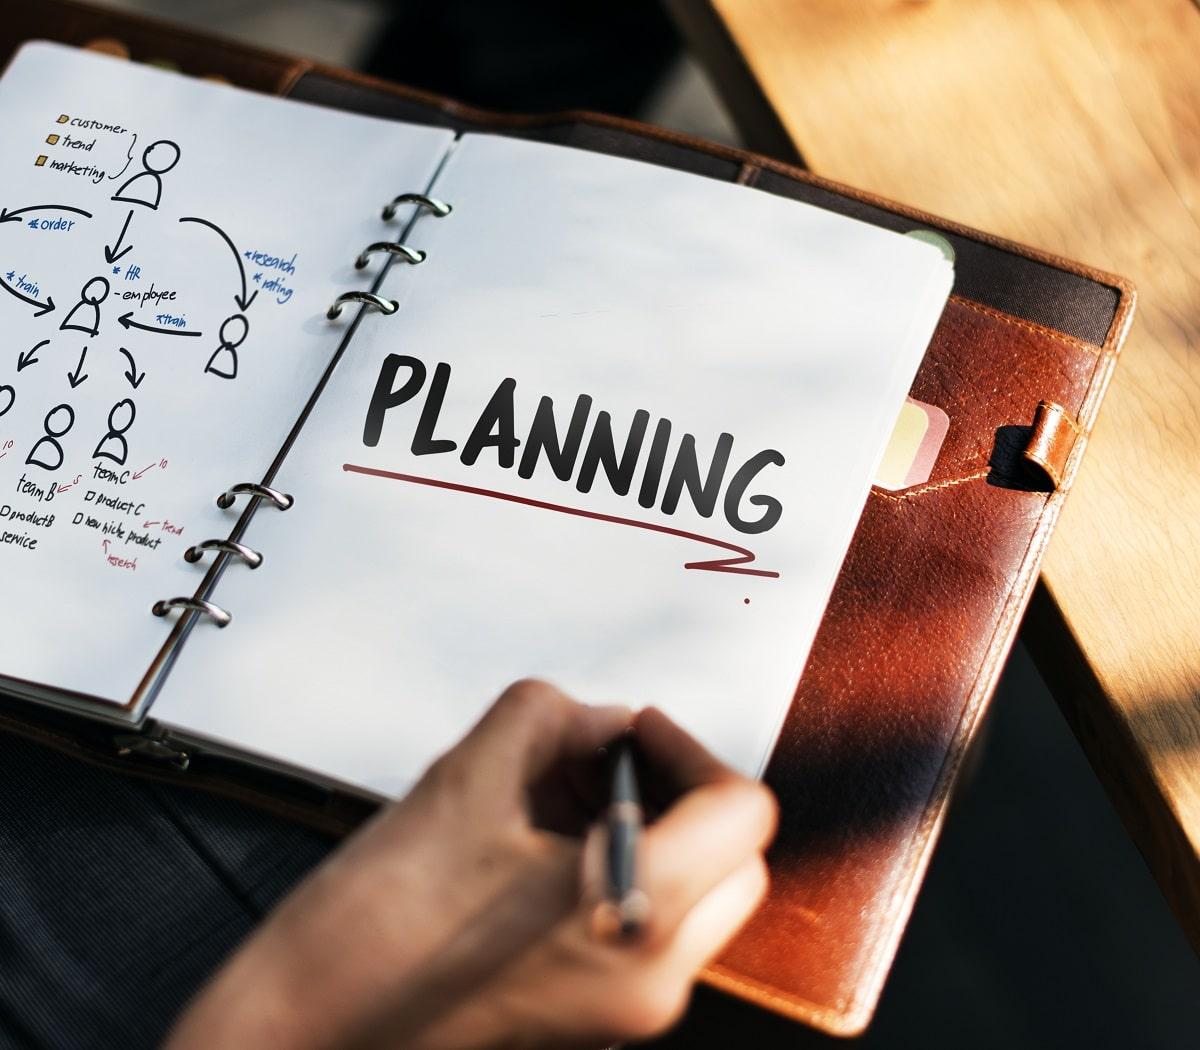 海外仕事探し【準備編】しっかり想定プランと下準備が有利な戦略